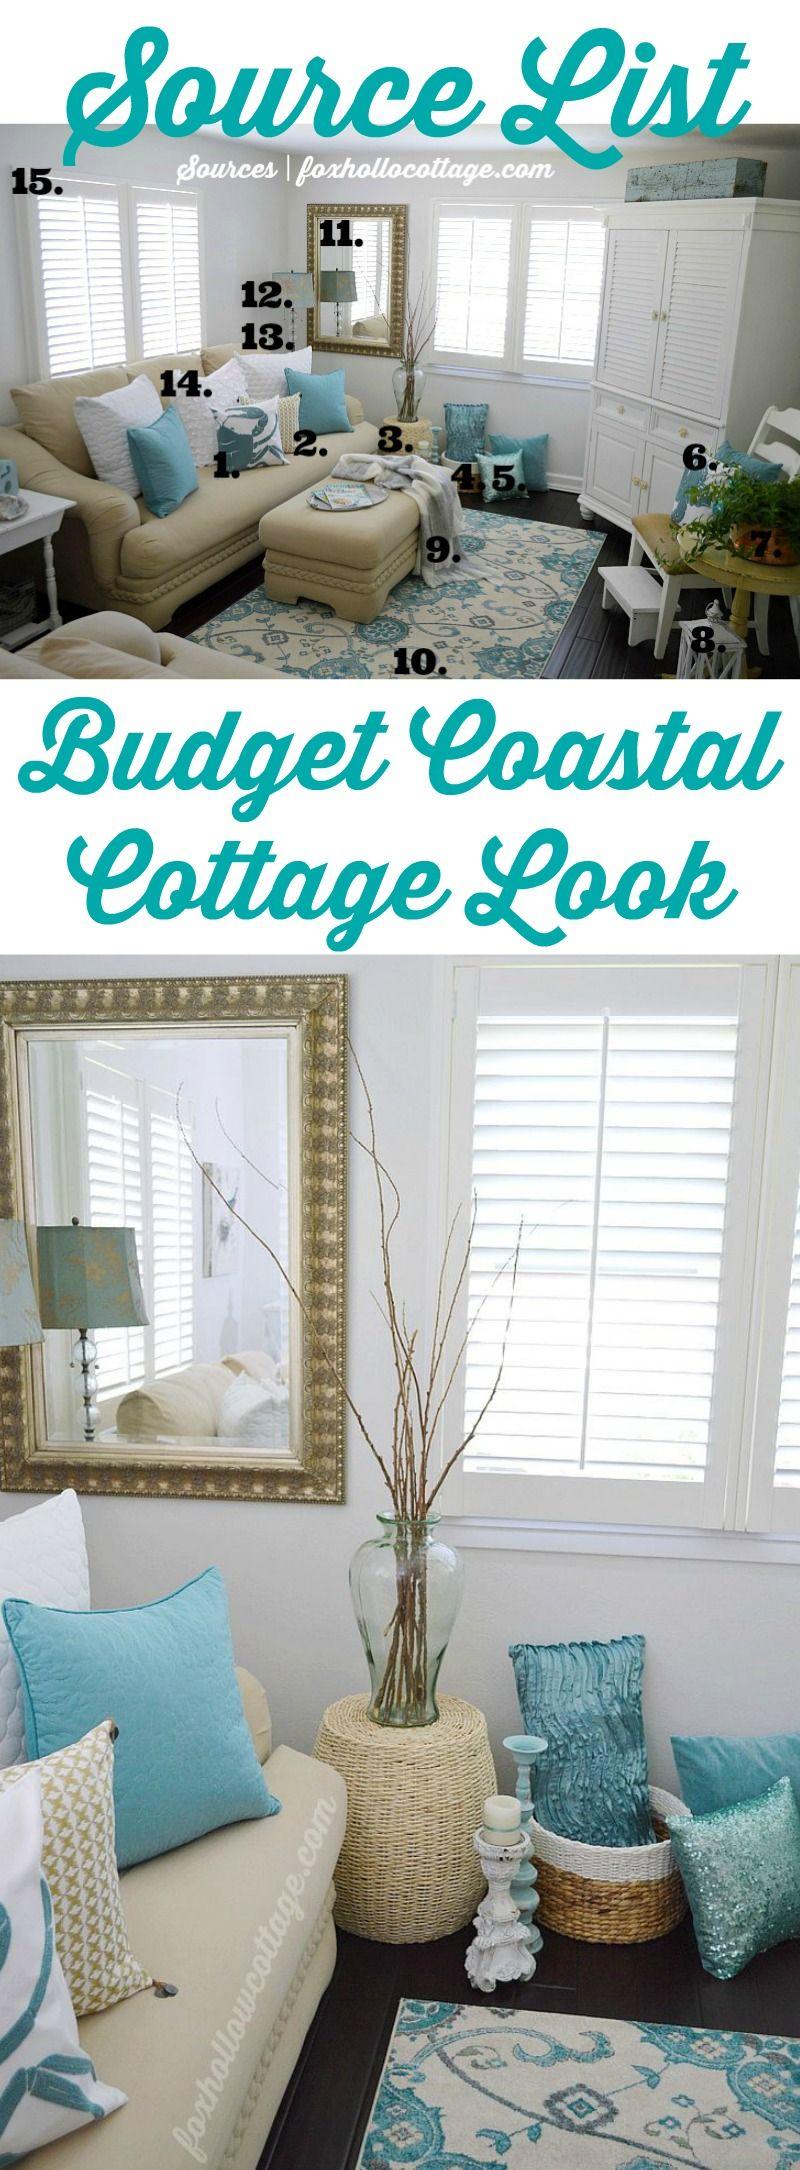 Budget Coastal Cottage Decor Shopping Source List | Fox Hollow Cottage #homegoodshappy #decoratingideas & Coastal Cottage Summer Living Room | Coastal cottage Coastal and ...